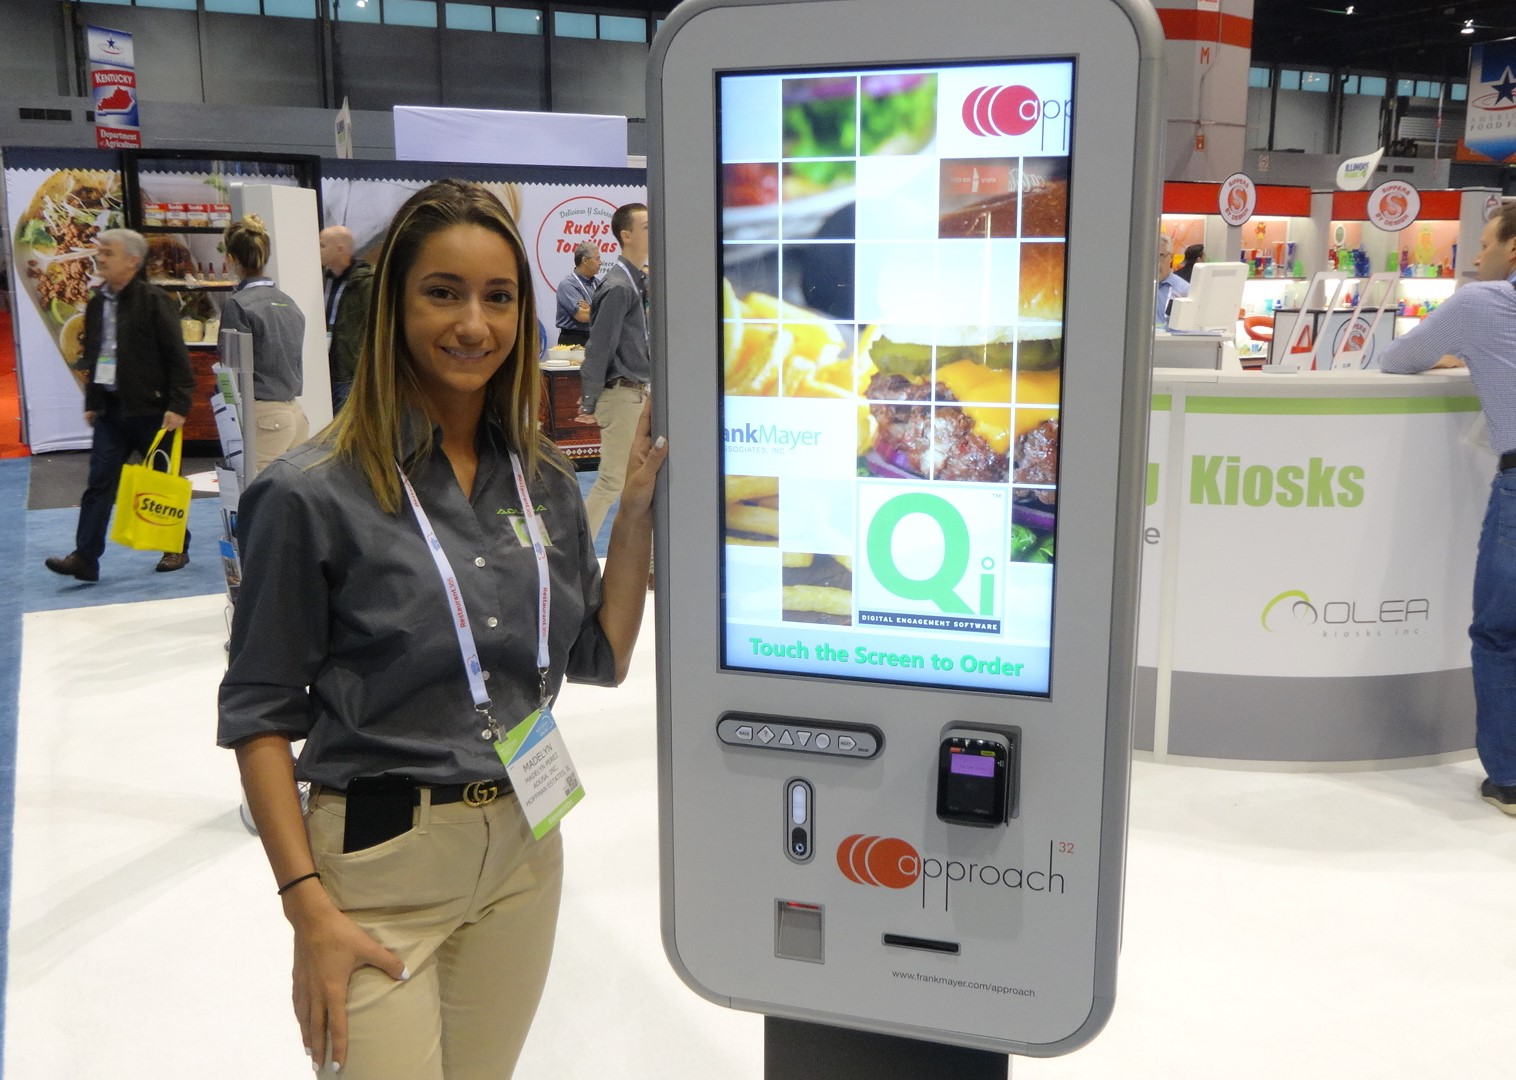 Self-order kiosks let loose at National Restaurant Show